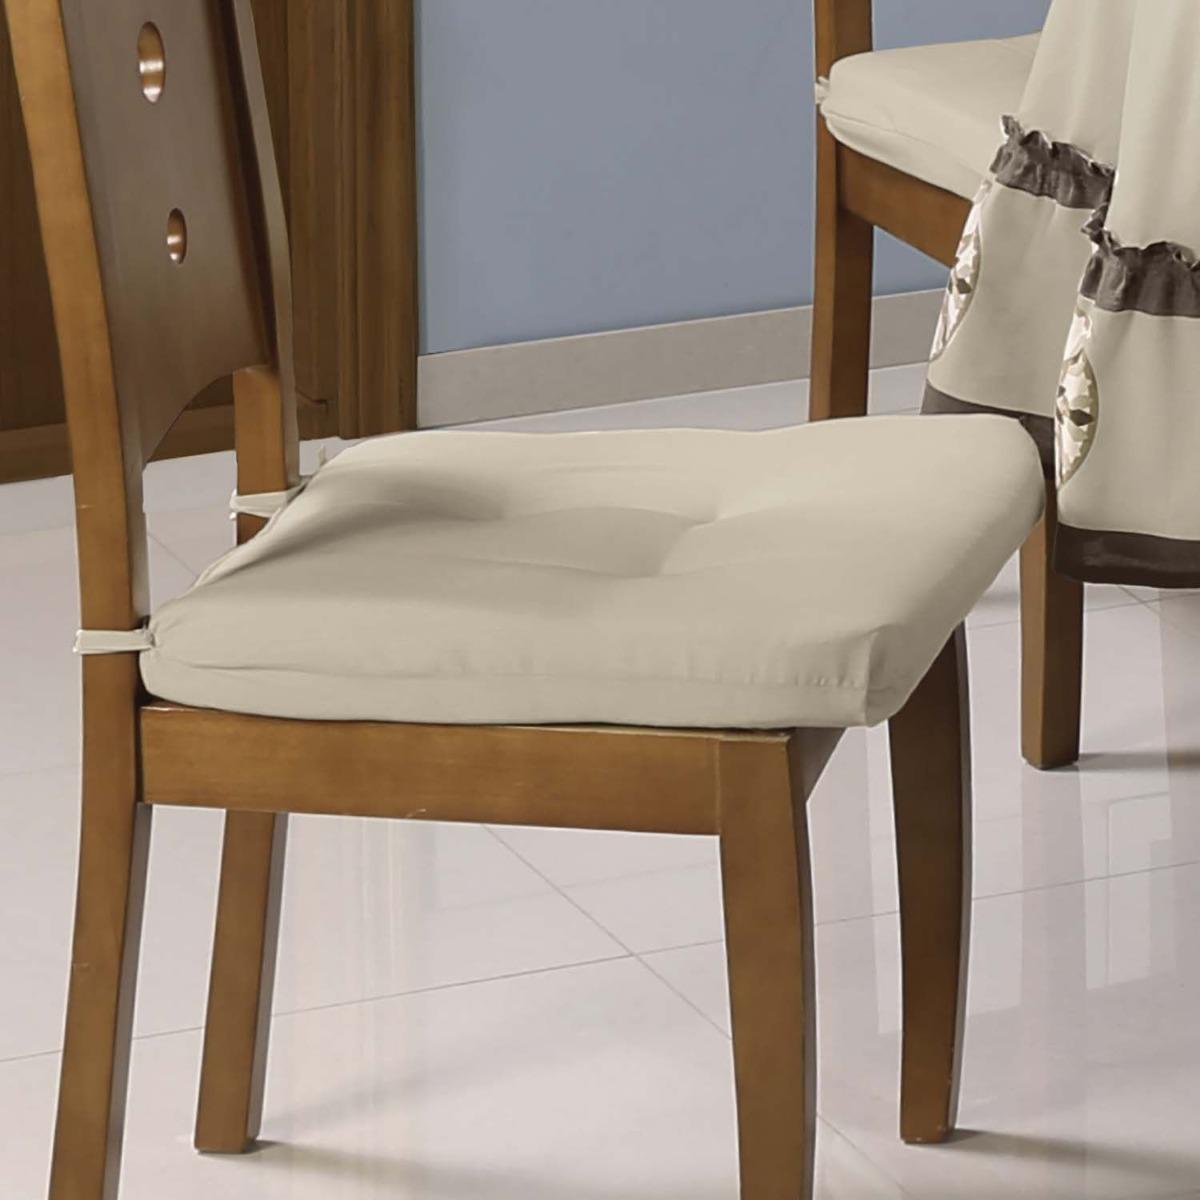 Concord jgo de 4 cojines para silla de comedor caramel for Cojines sillas comedor